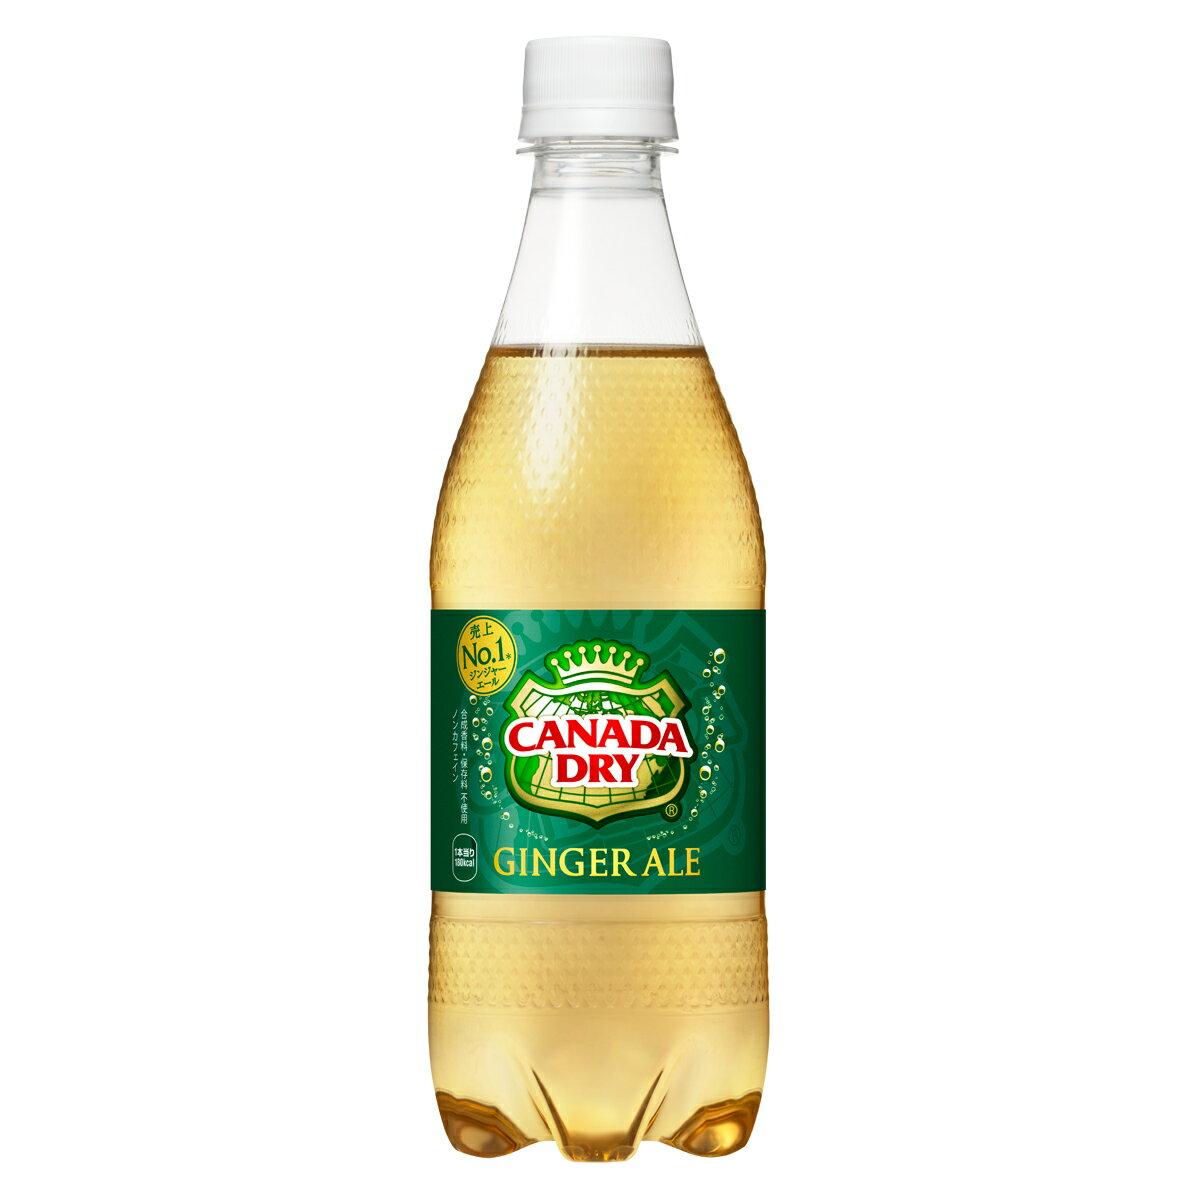 1ケースコカ・コーラカナダドライジンジャーエール500mLPET飲料飲み物ソフトドリンクペットボトル